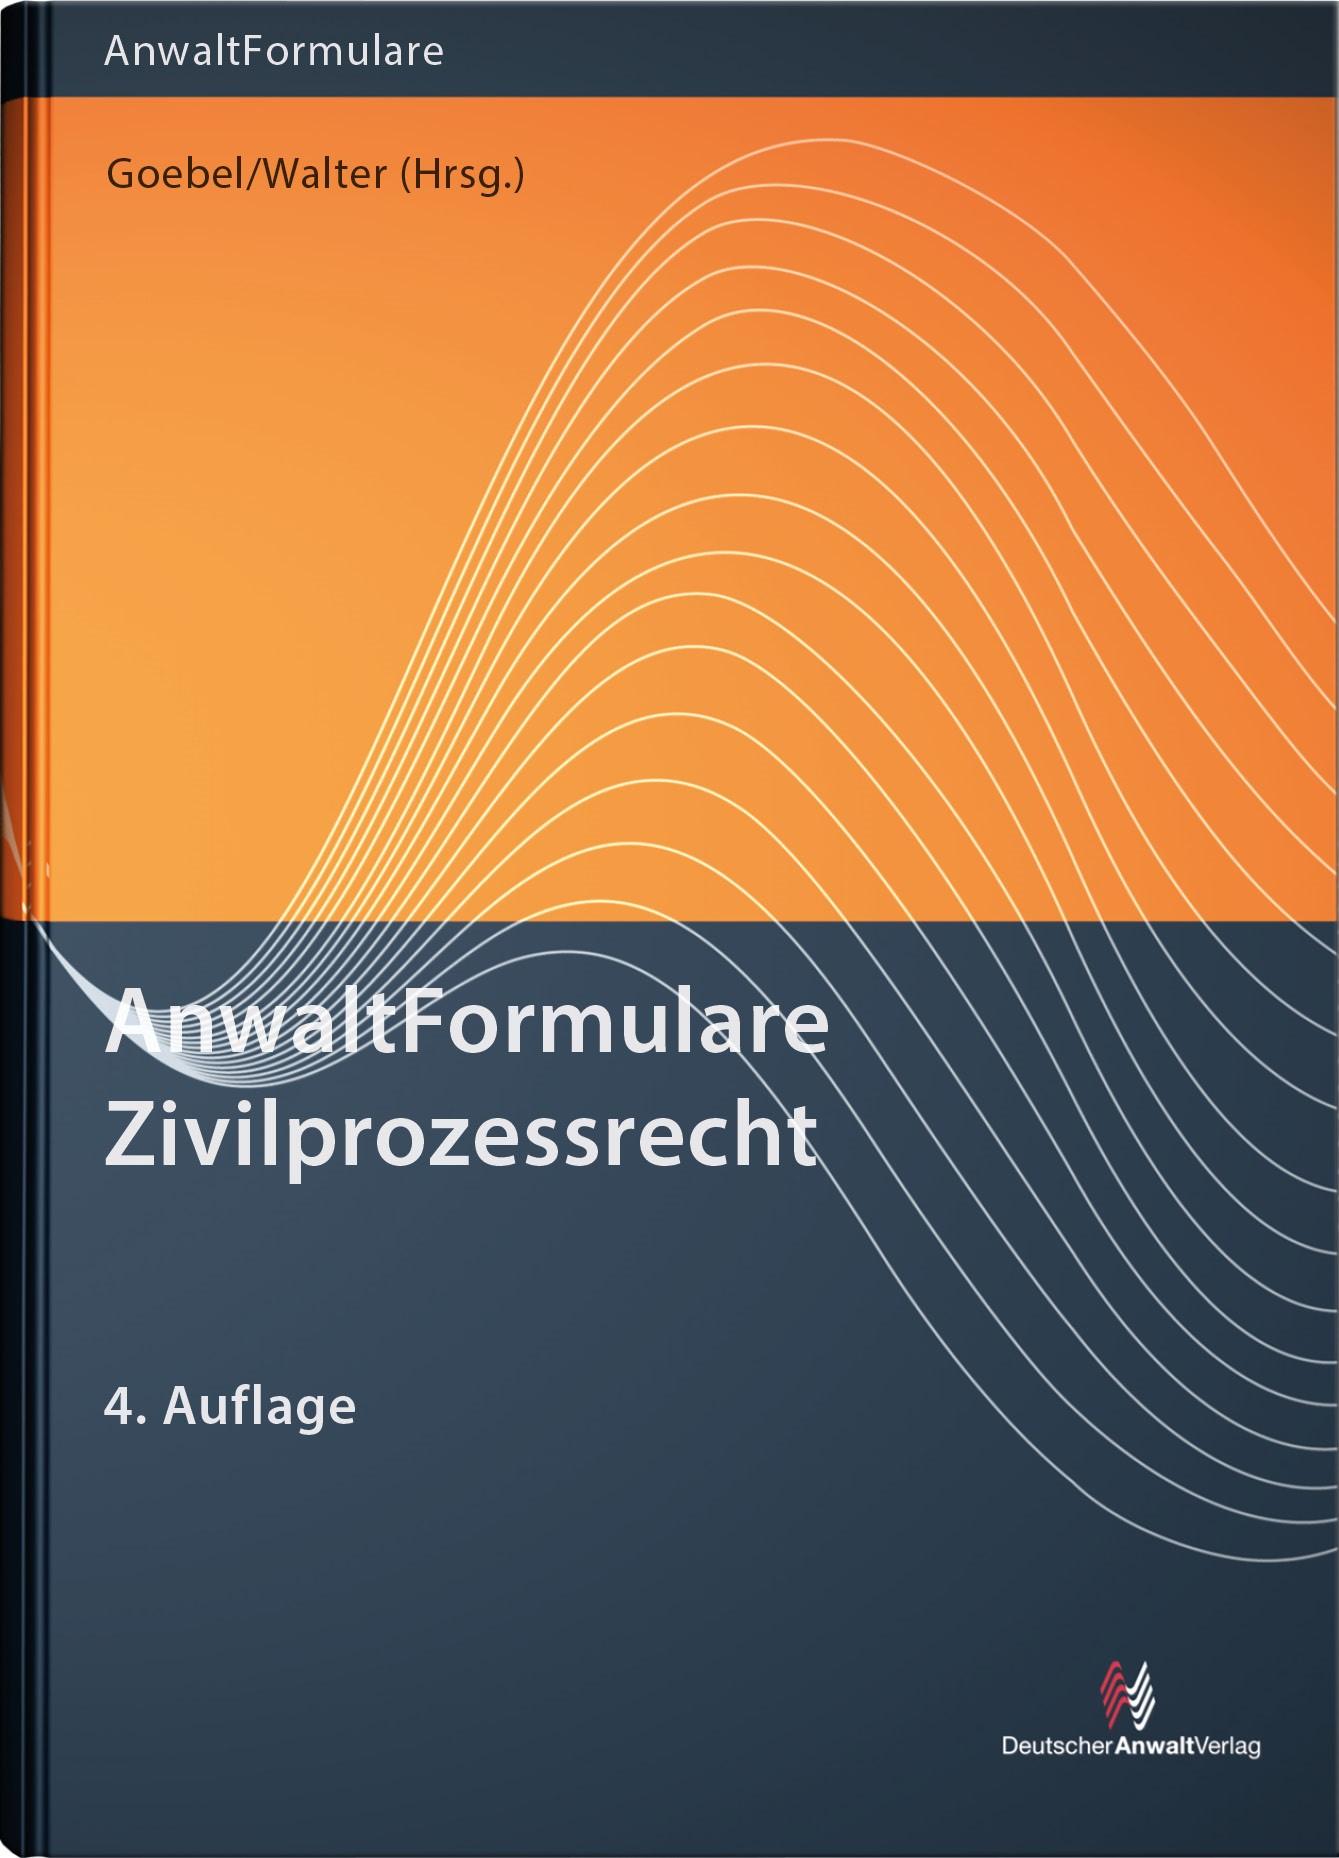 AnwaltFormulare Zivilprozessrecht | Goebel / Walter (Hrsg.) | 4. Auflage, 2019 (Cover)